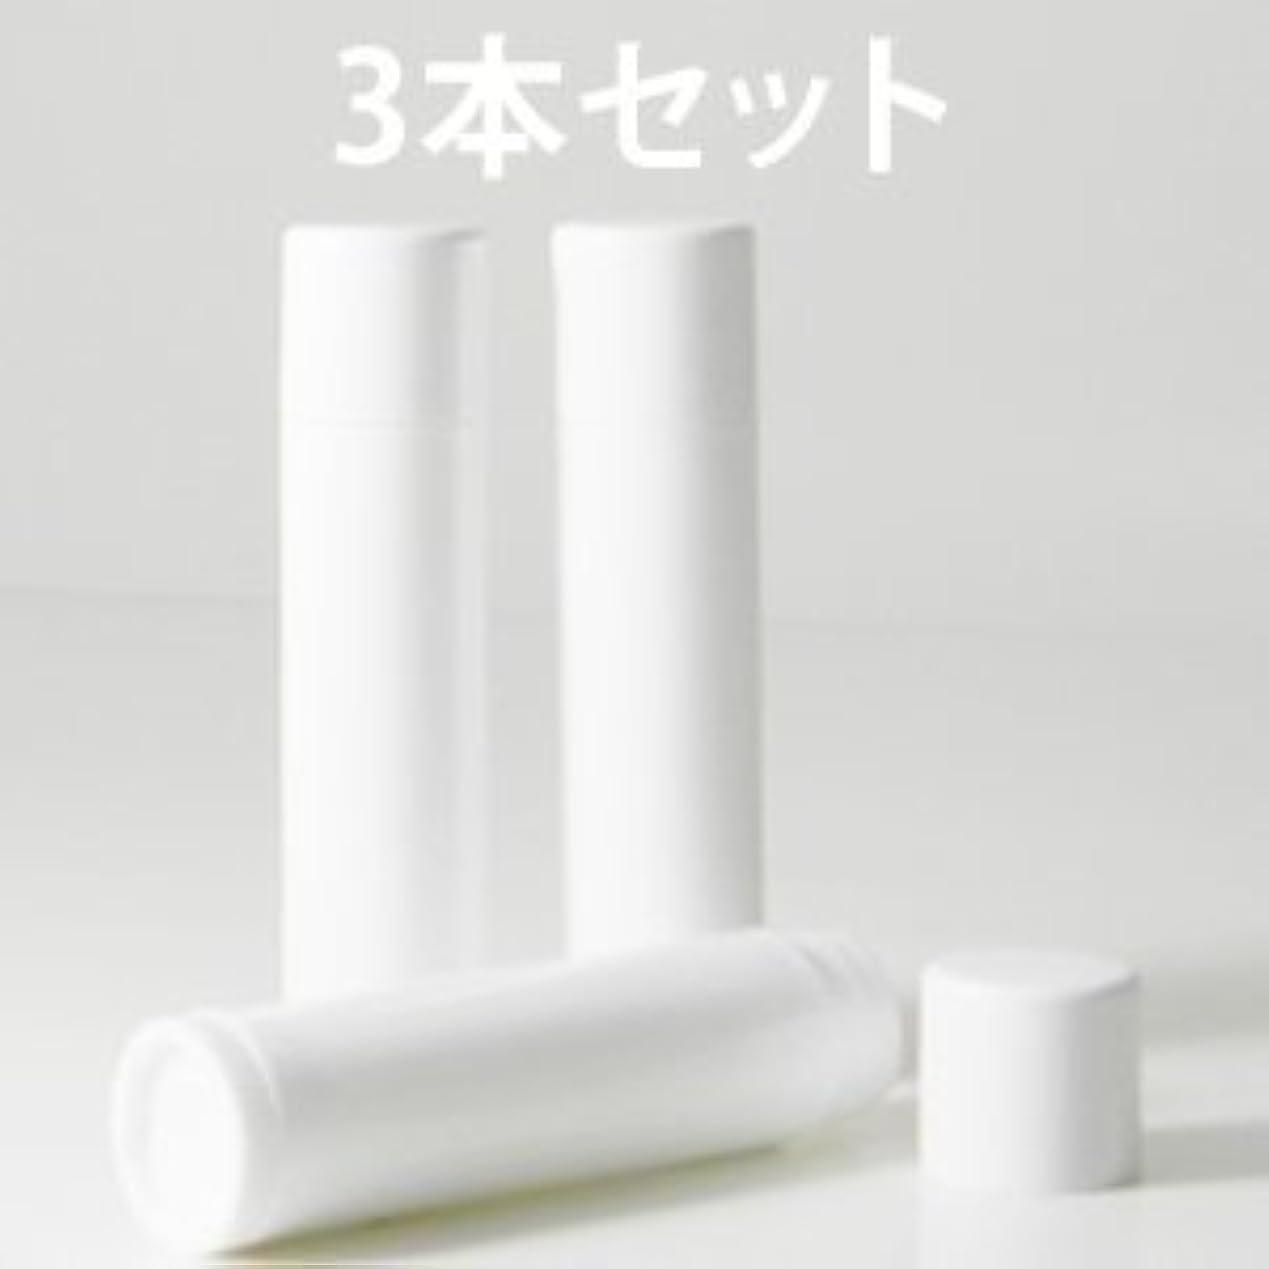 支援ご意見買うリップバームチューブ (ホワイト) 3本セット 【手作り化粧品容器】